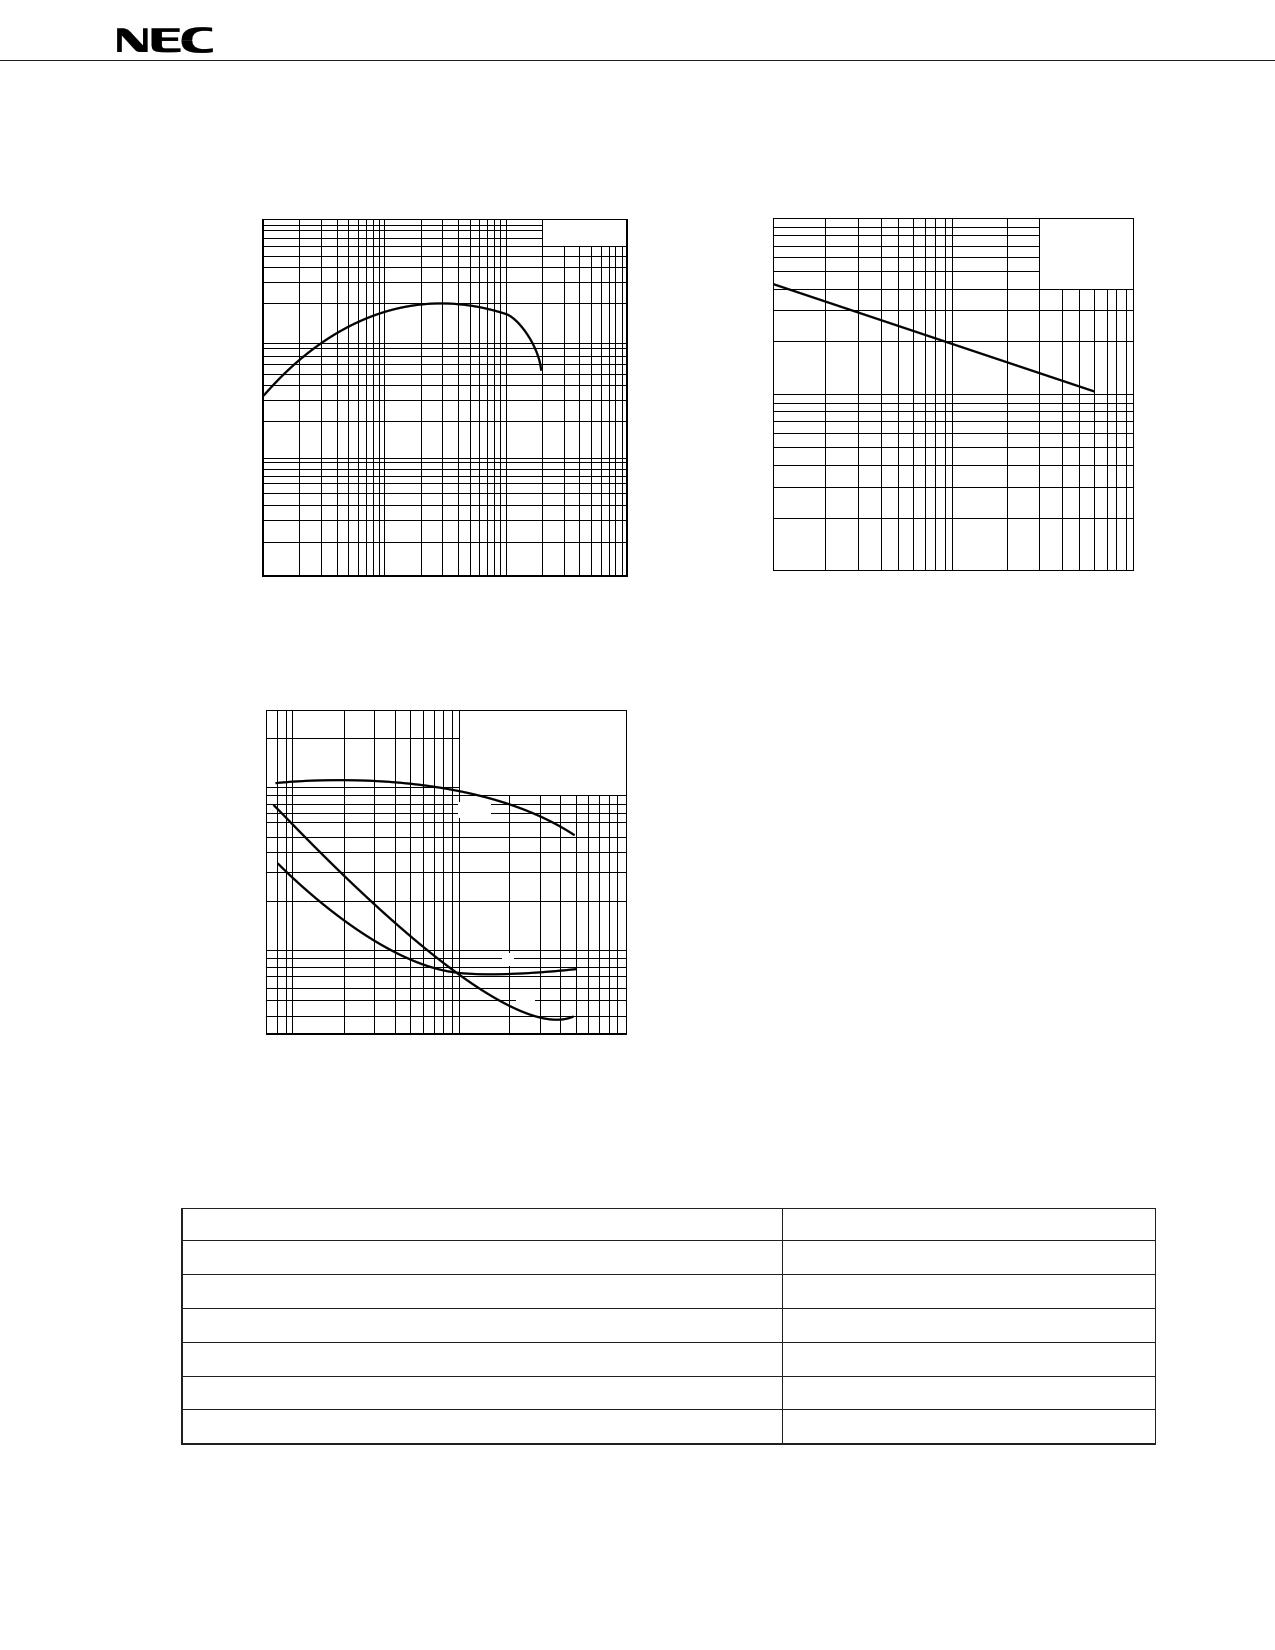 D1615A pdf, 電子部品, 半導体, ピン配列